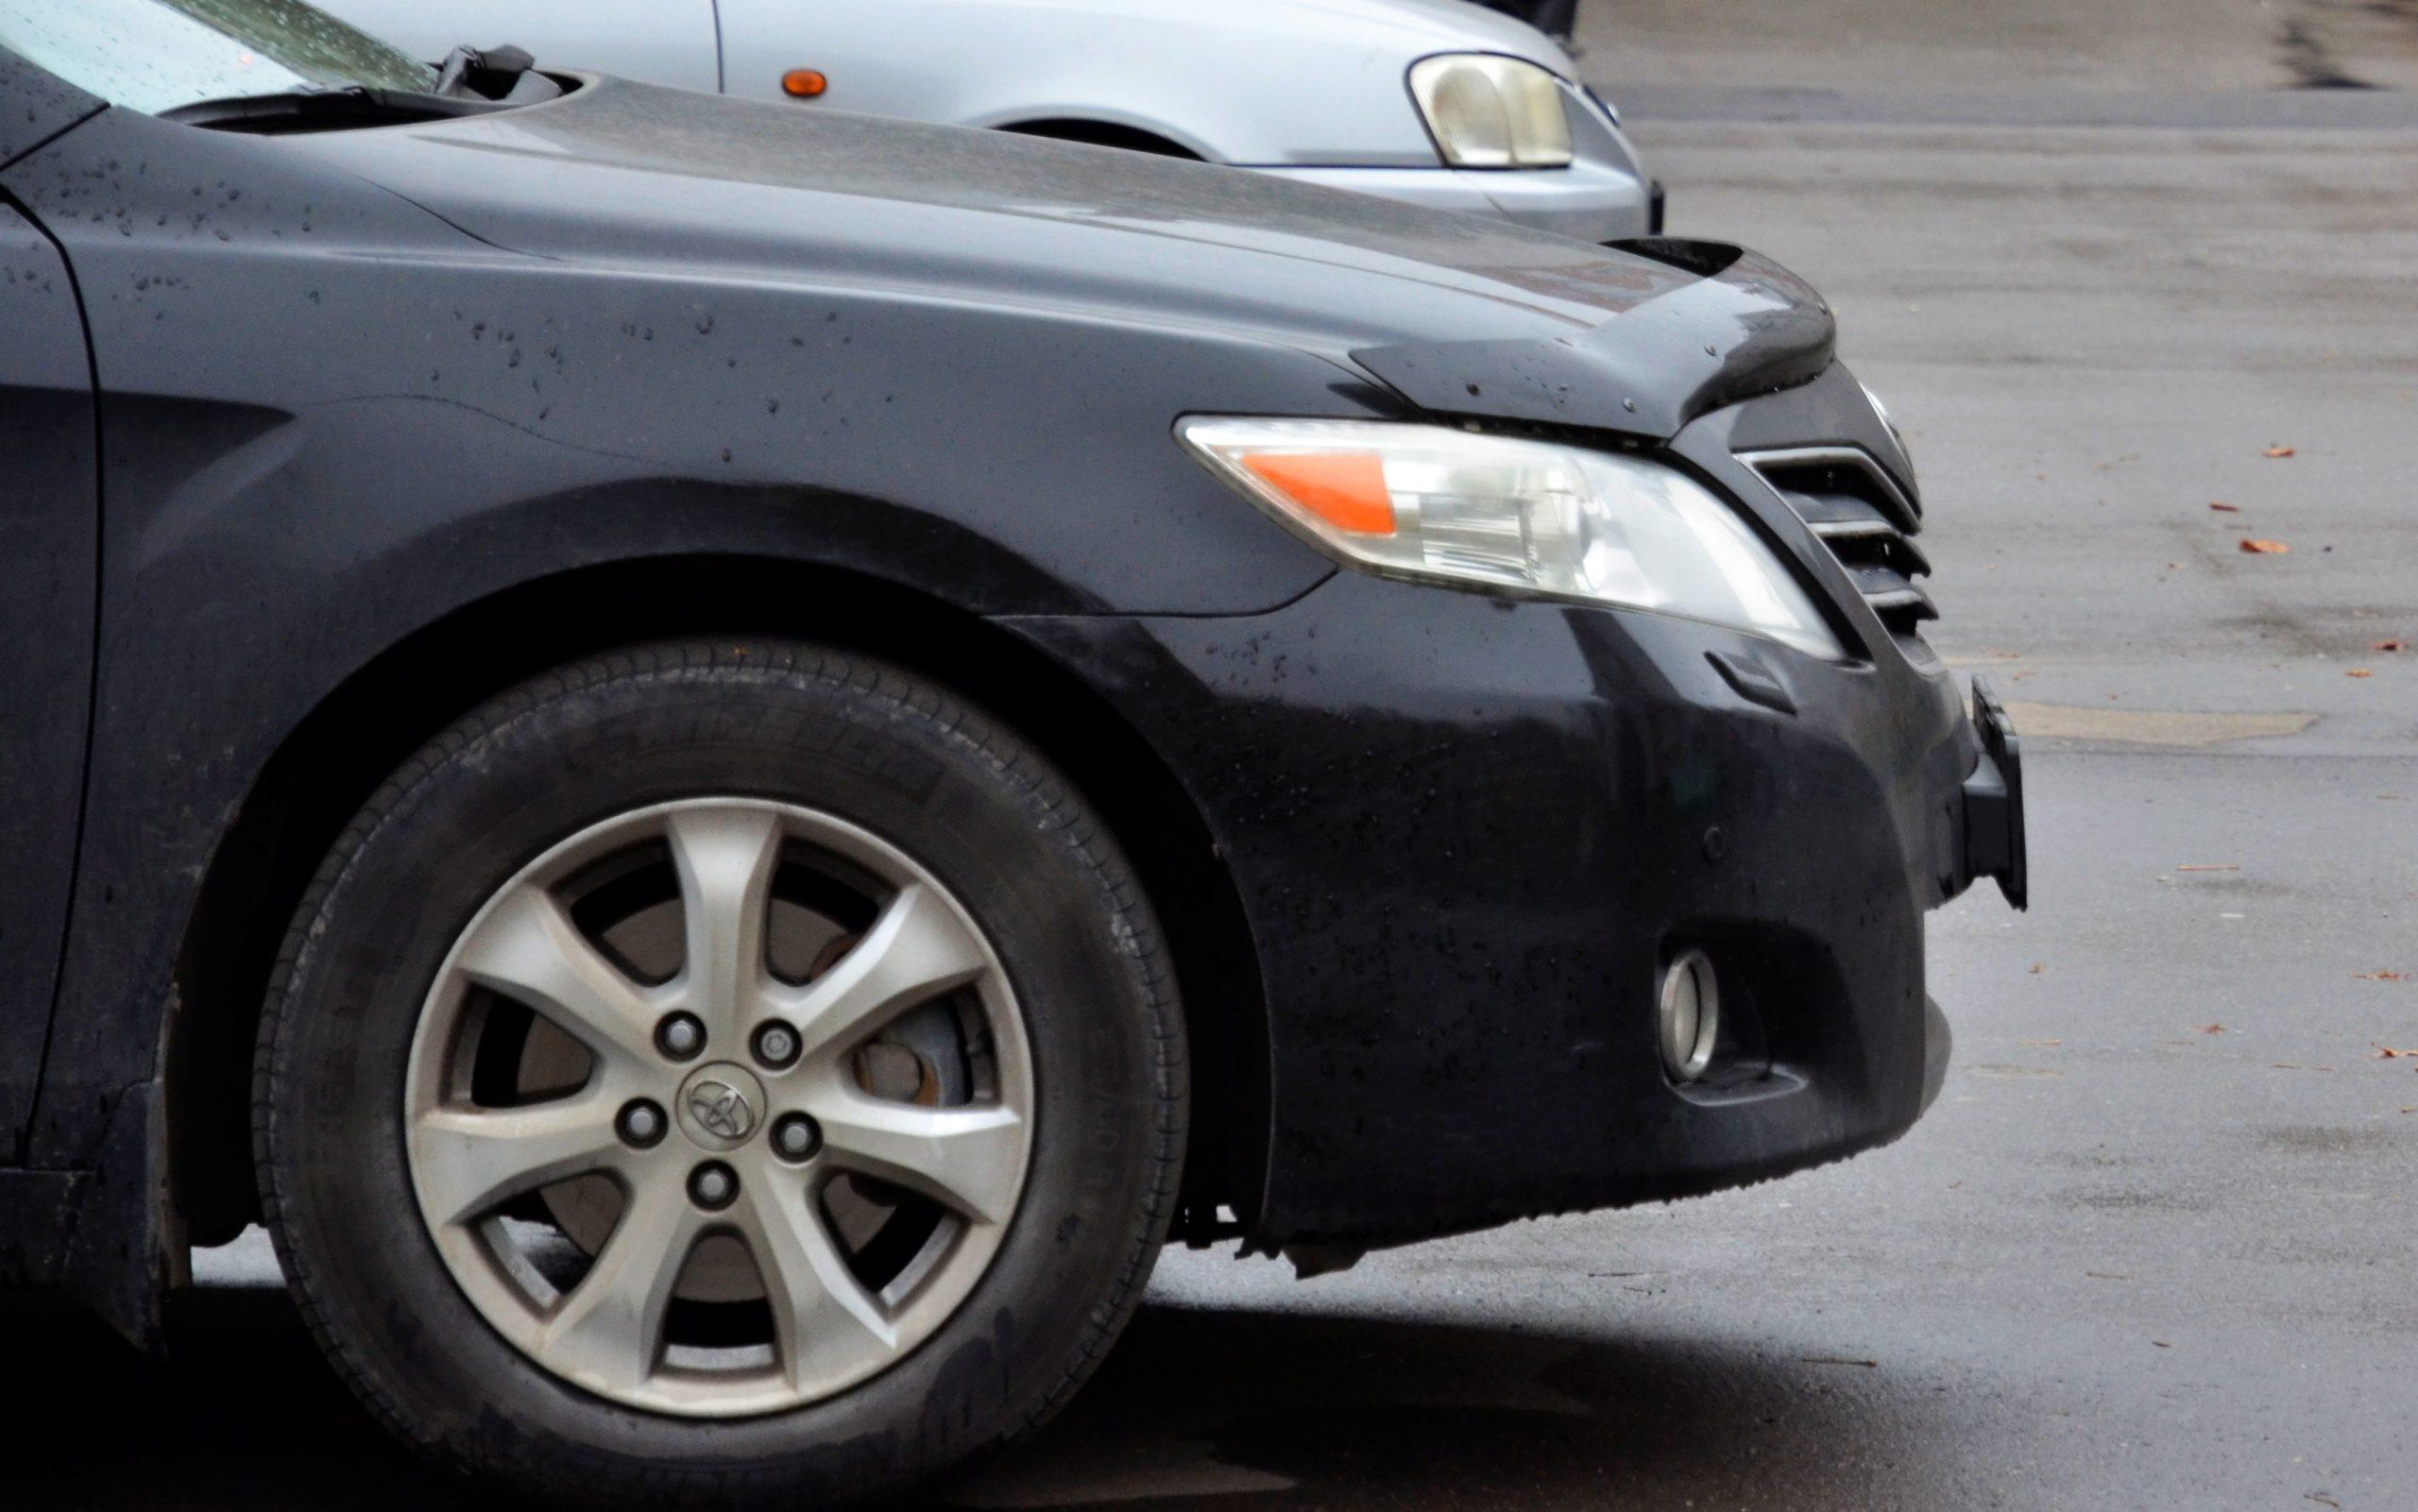 За два месяца в Москве эвакуировали 35 тысяч авто после нарушений правил парковки